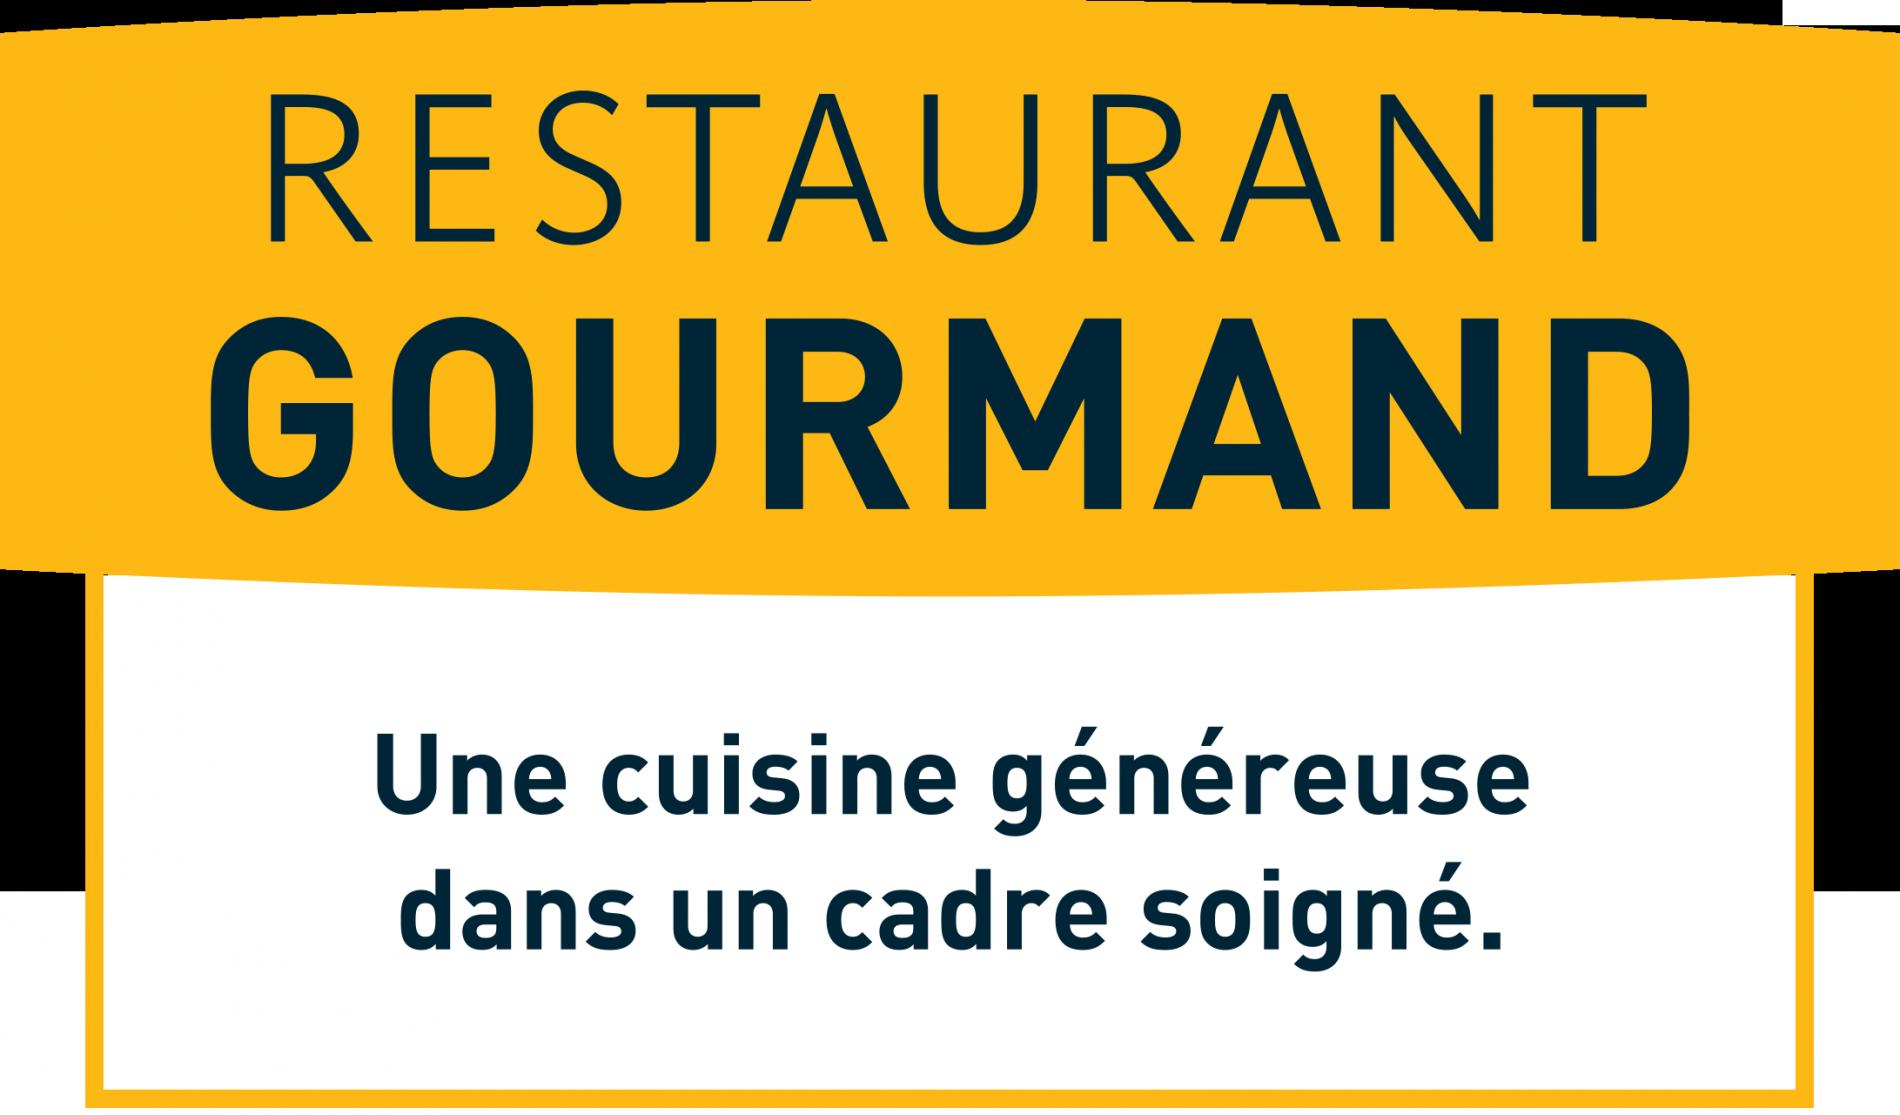 Logo restaurant gourmand Logis hôtel La Grange du Relais, Colombey les deux églises